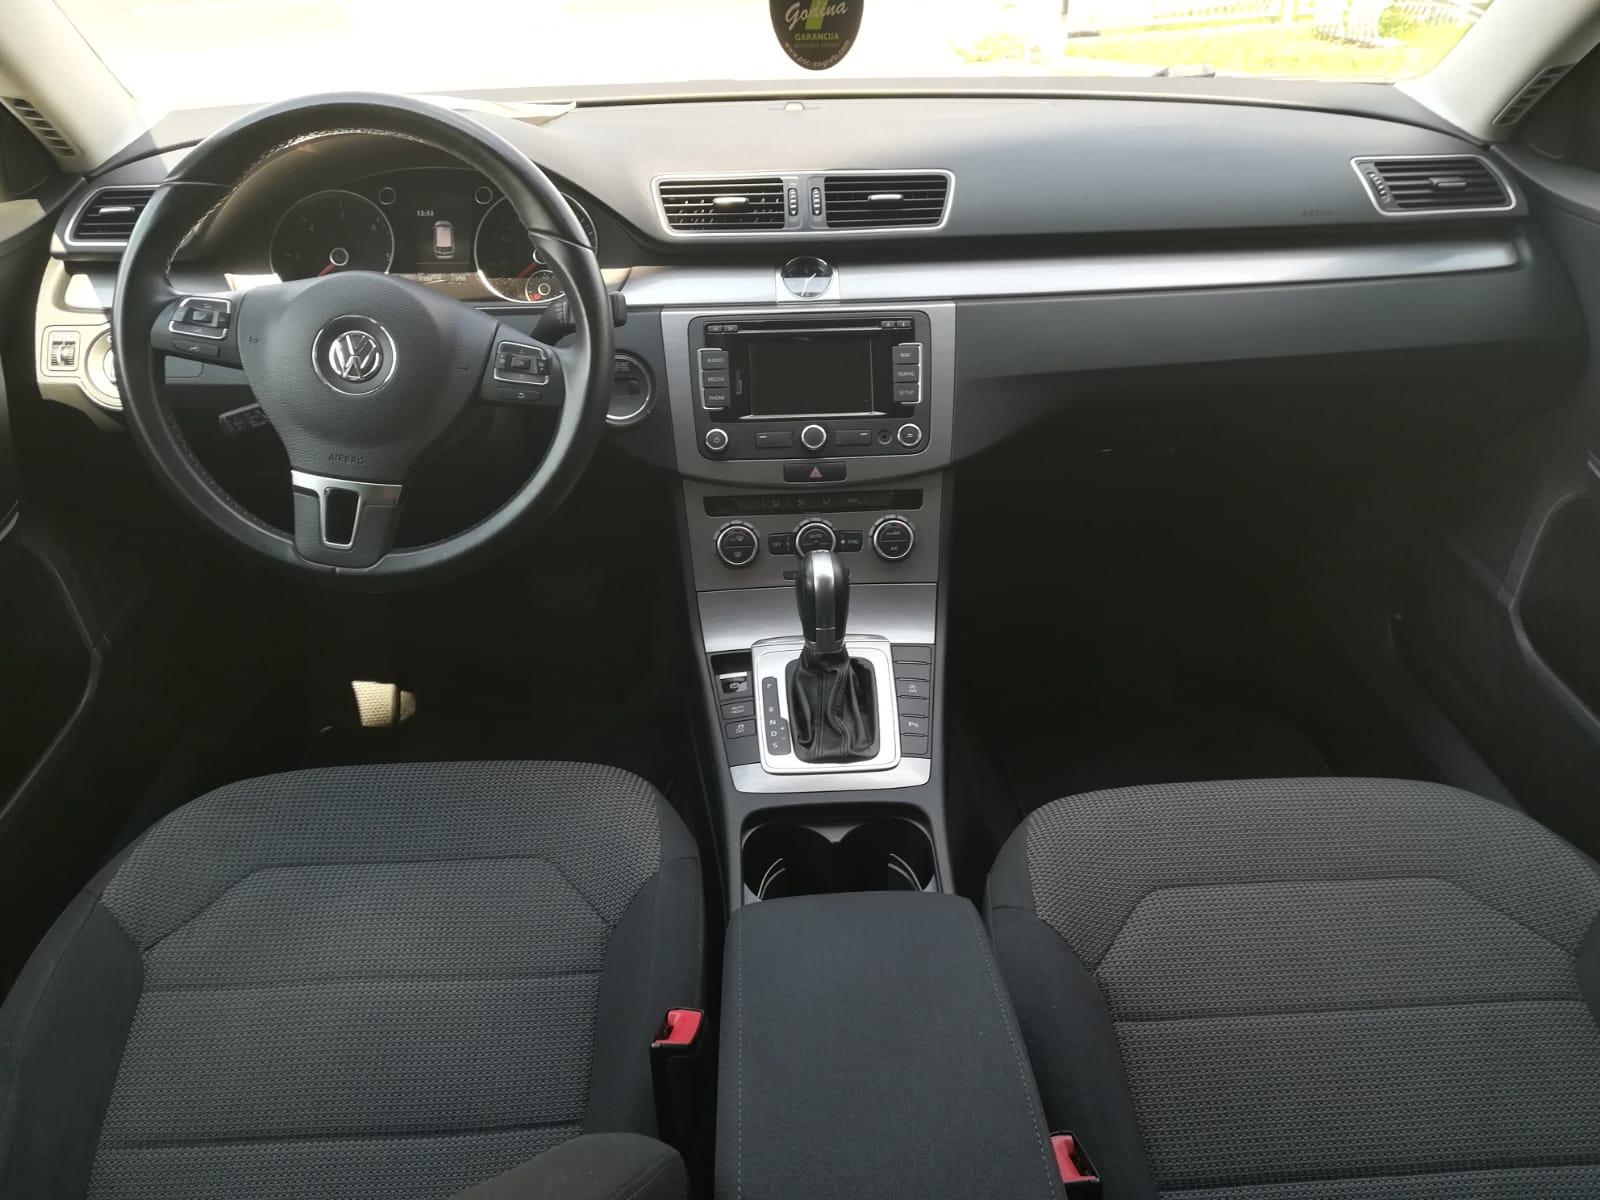 Volkswagen Passat Variant DSG 2.0 TDI 103kw - Provjerena rabljena vozila!